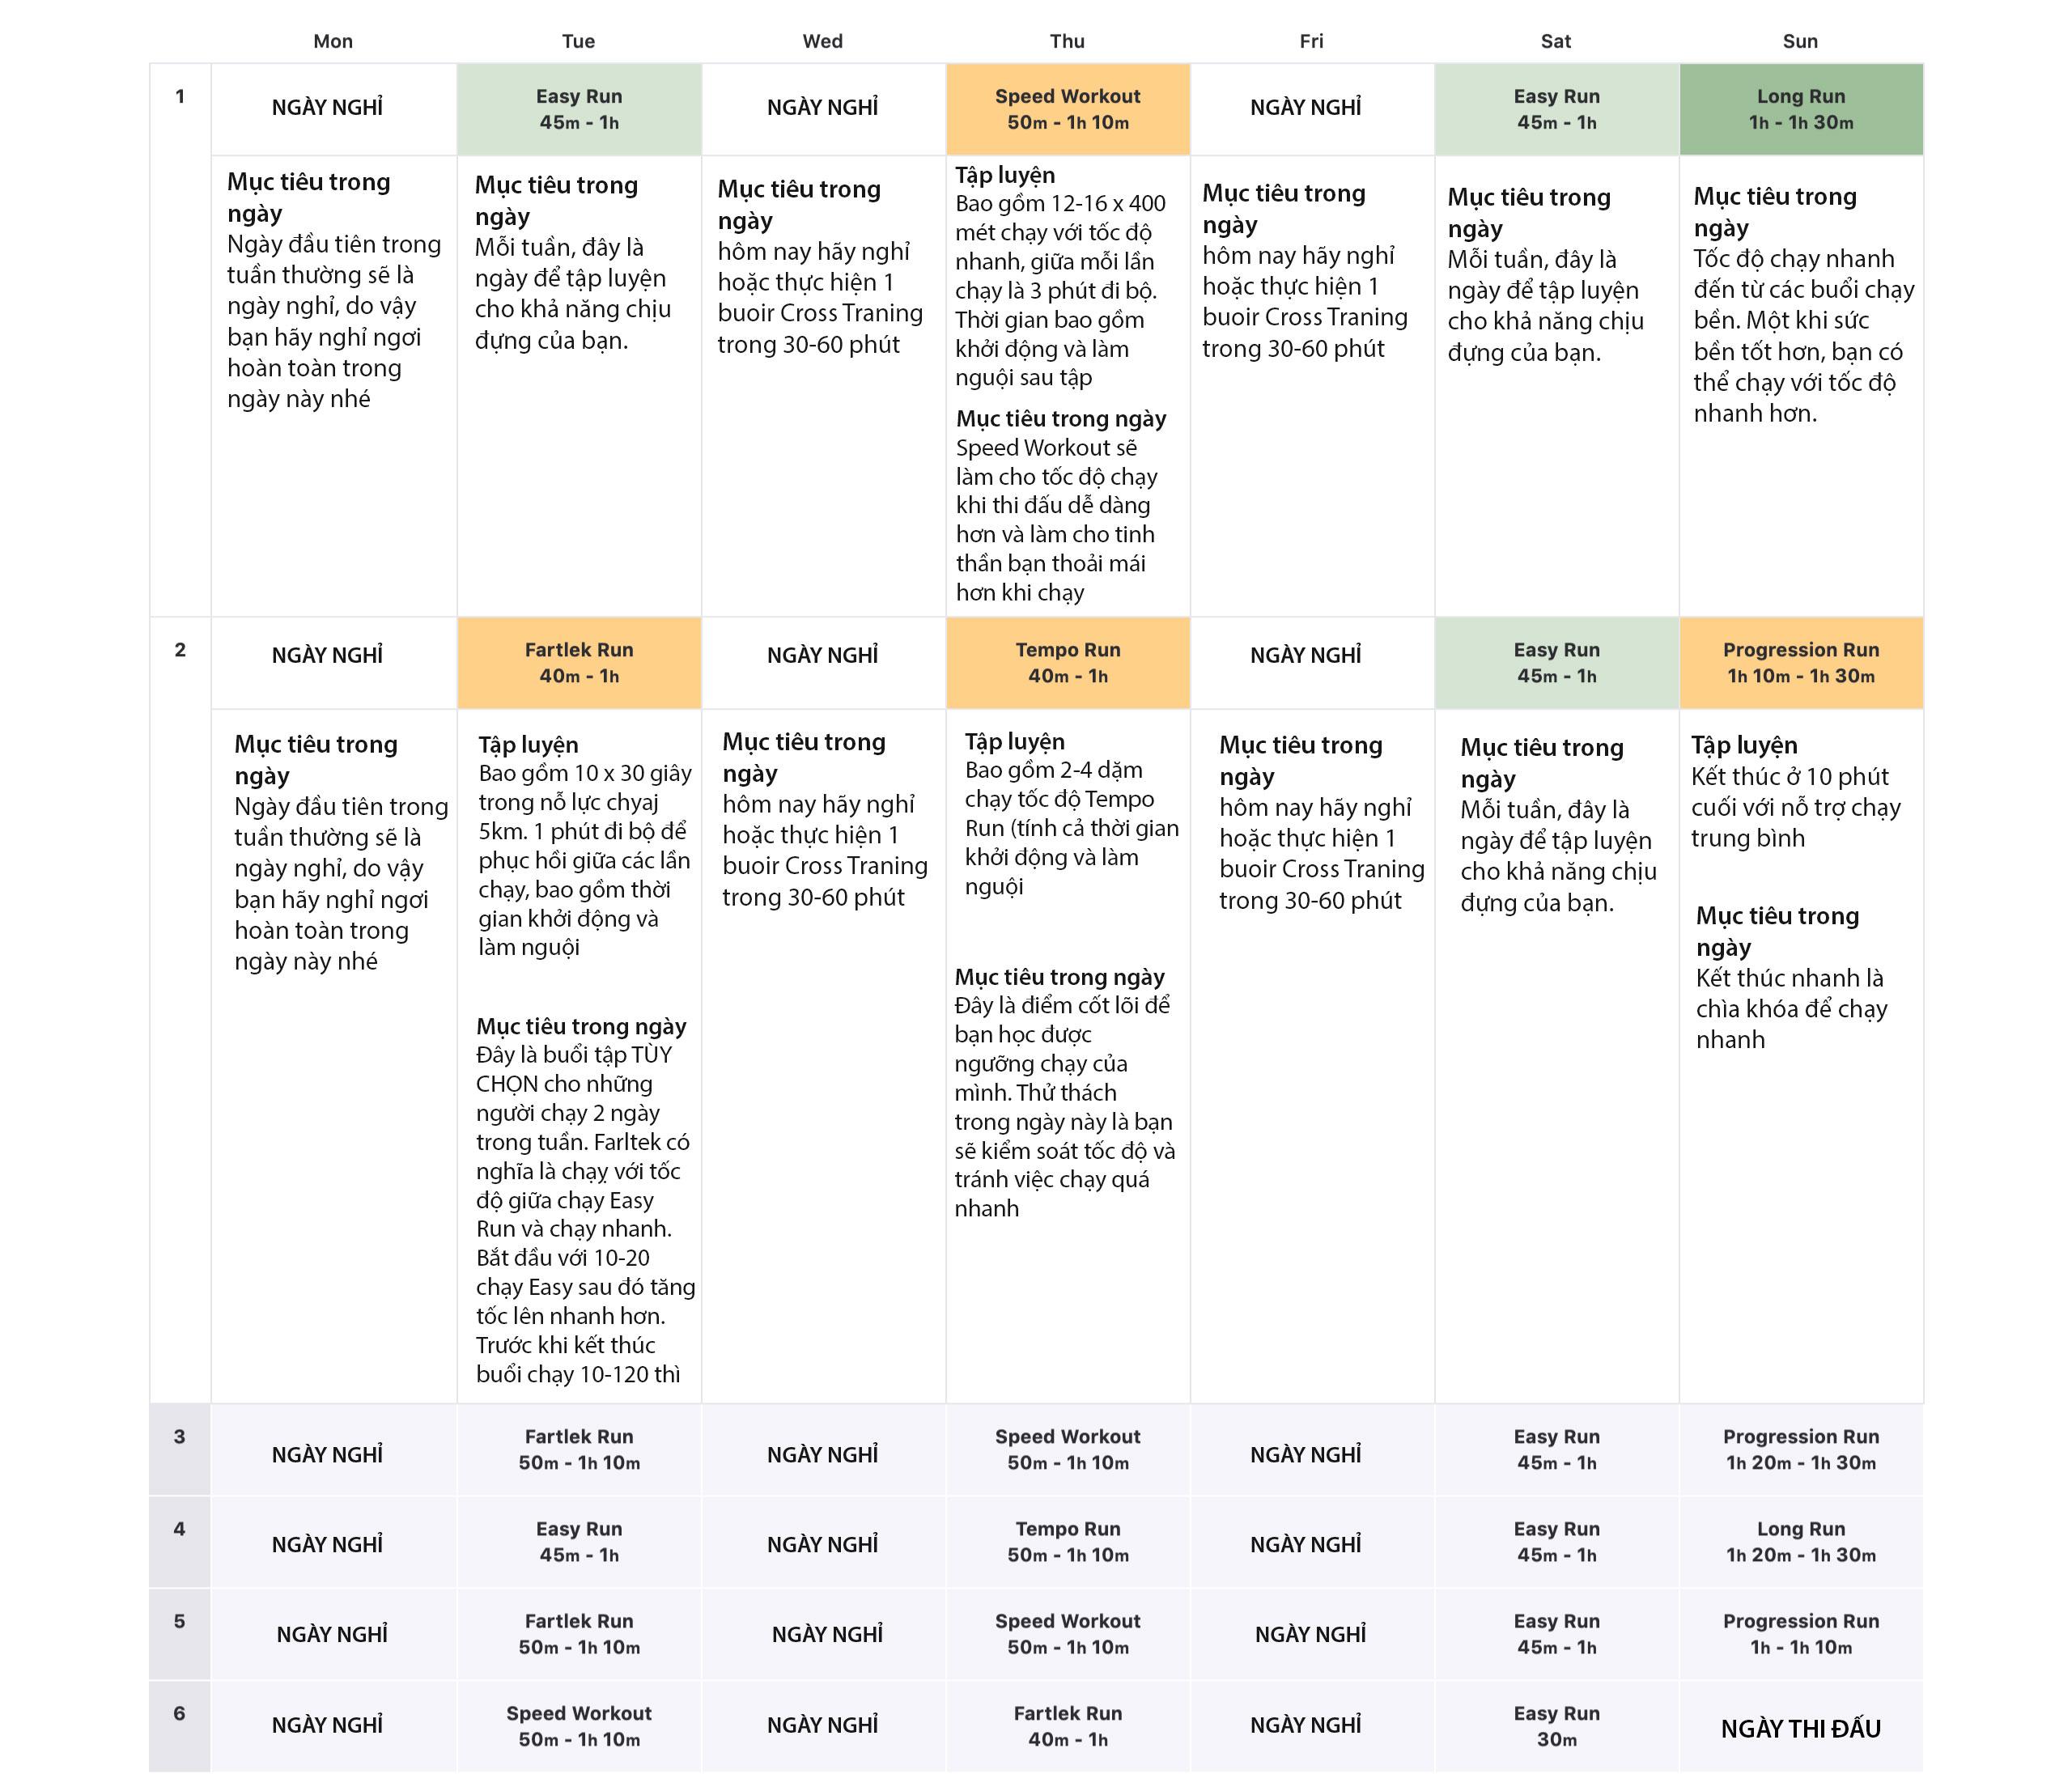 Lịch tập chạy với 4-5 ngày mỗi tuần